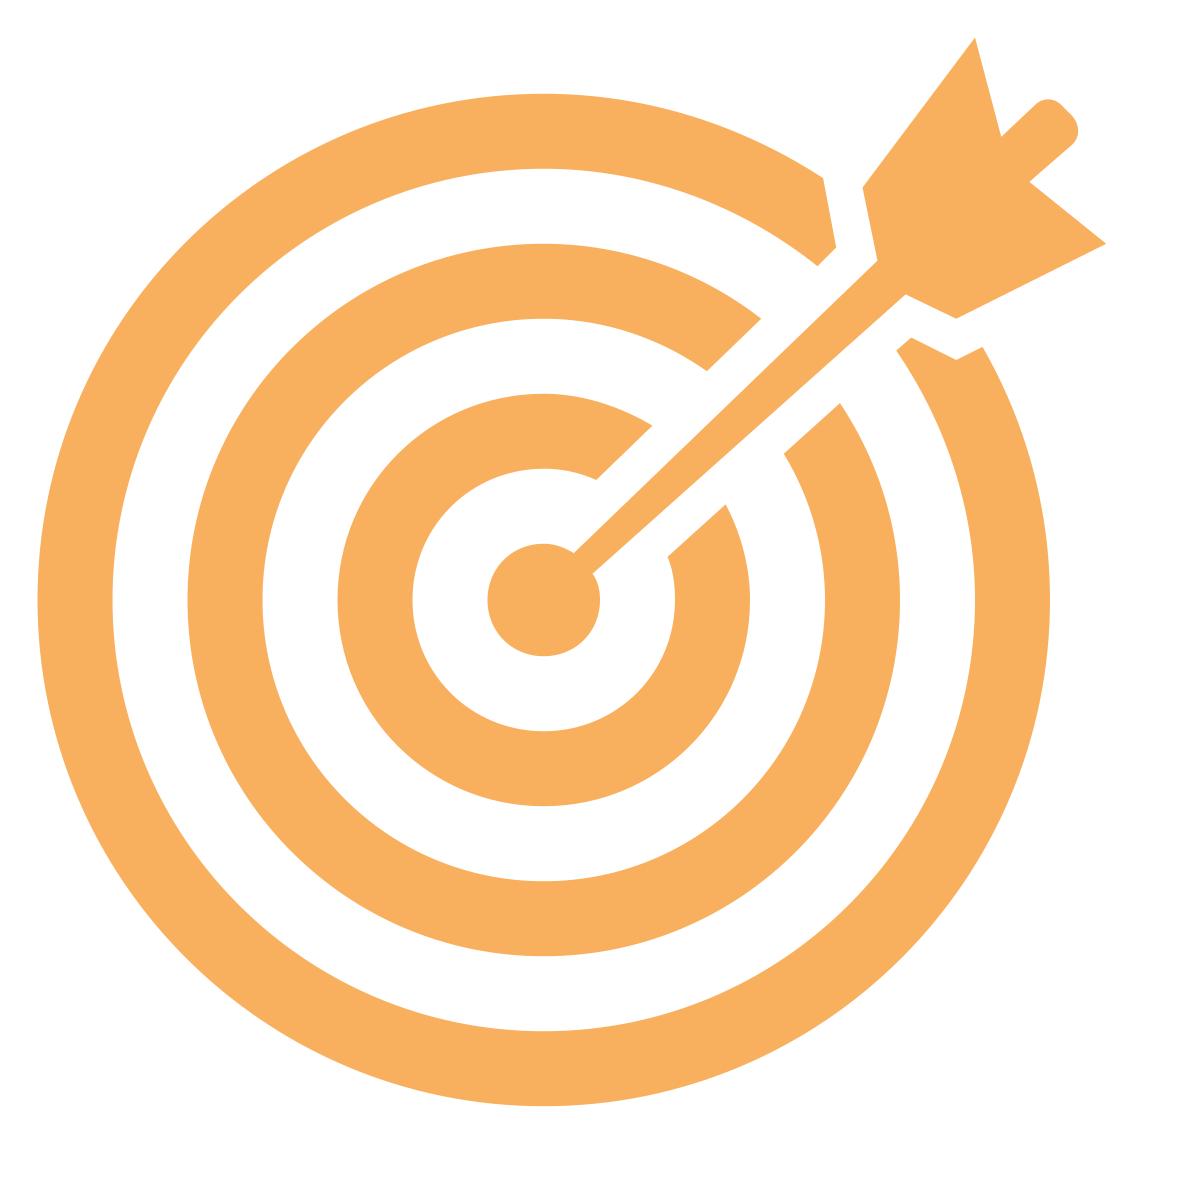 target - orange.png